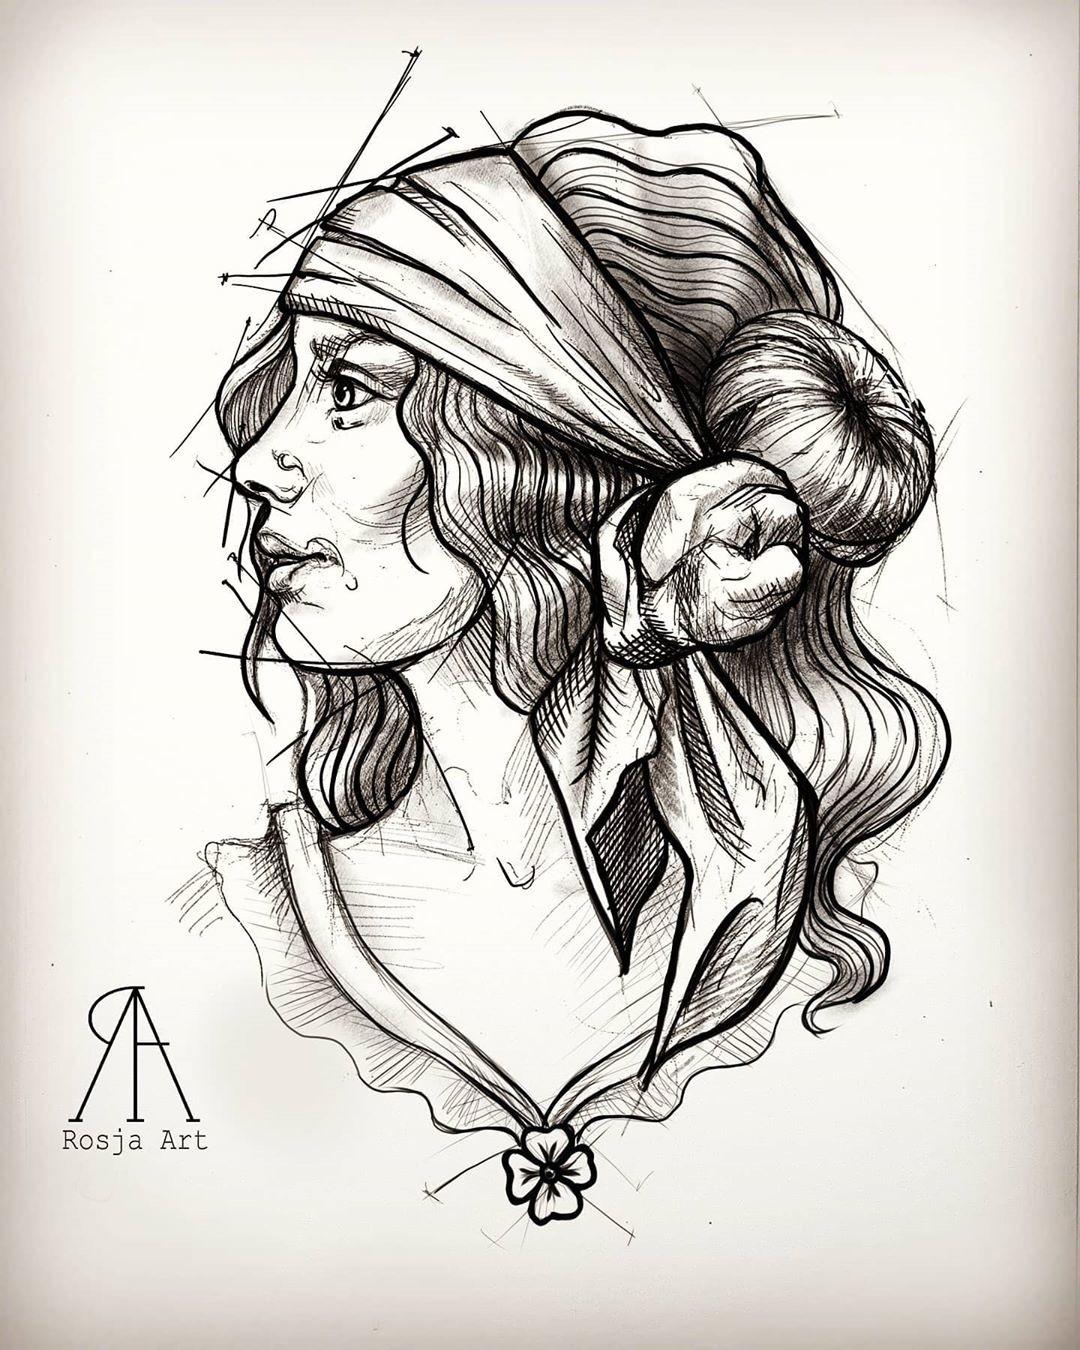 Inksearch tattoo Rosja Art Tattoo